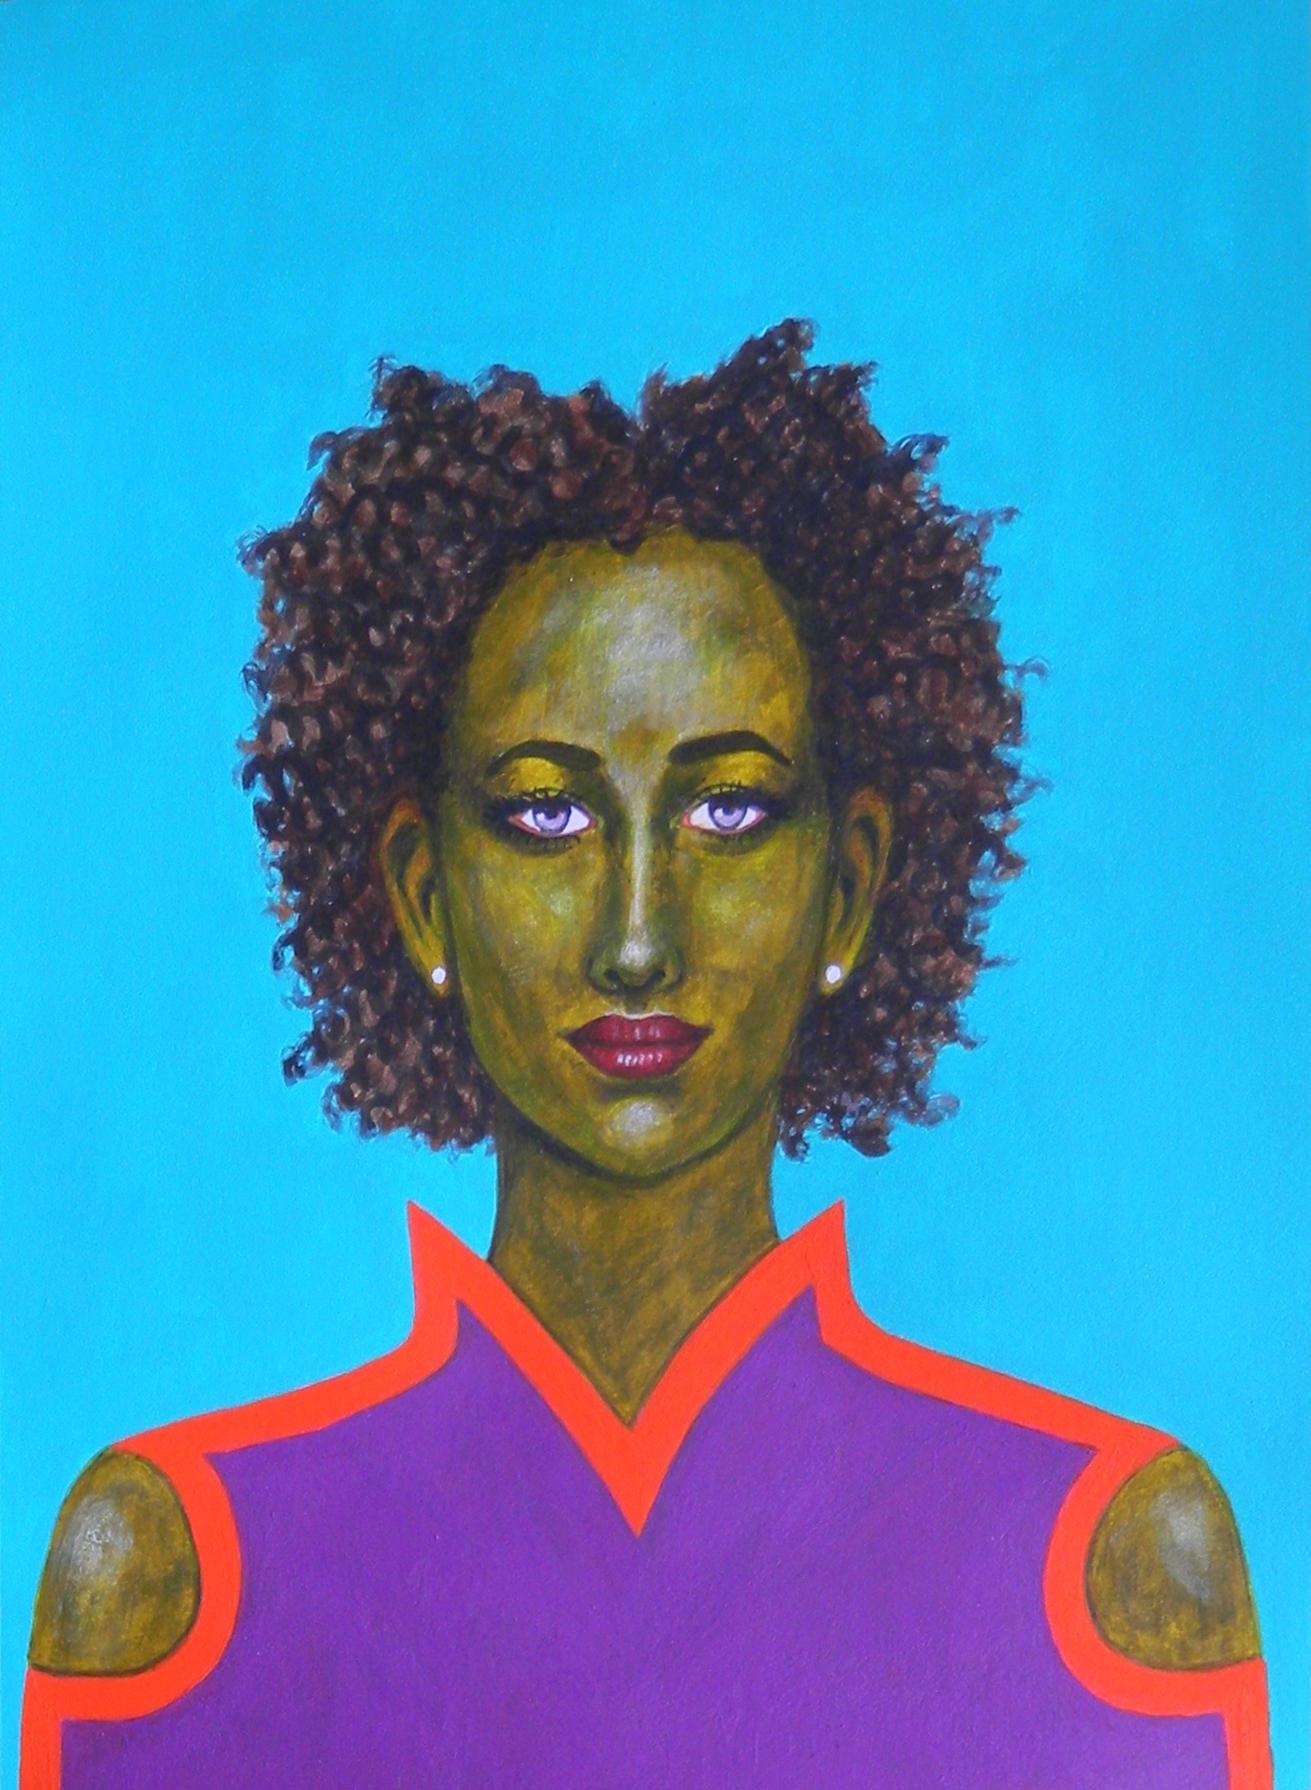 Kendra - Portrait imaginaire d'une voyageuse de l'espace.